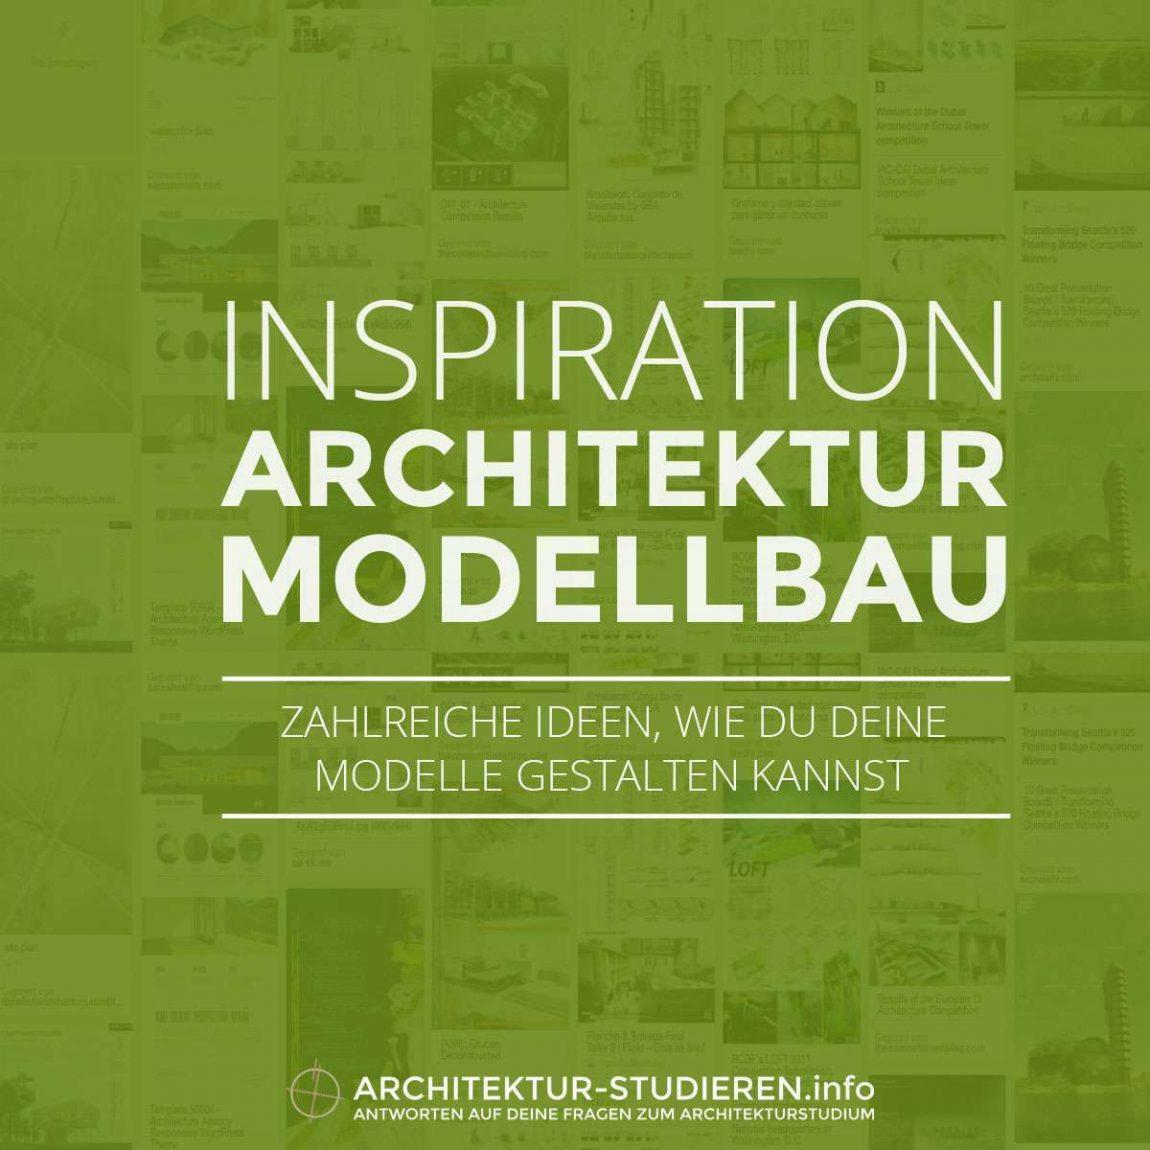 Inspiration Architektur Modellbau | © Architektur-studieren.info